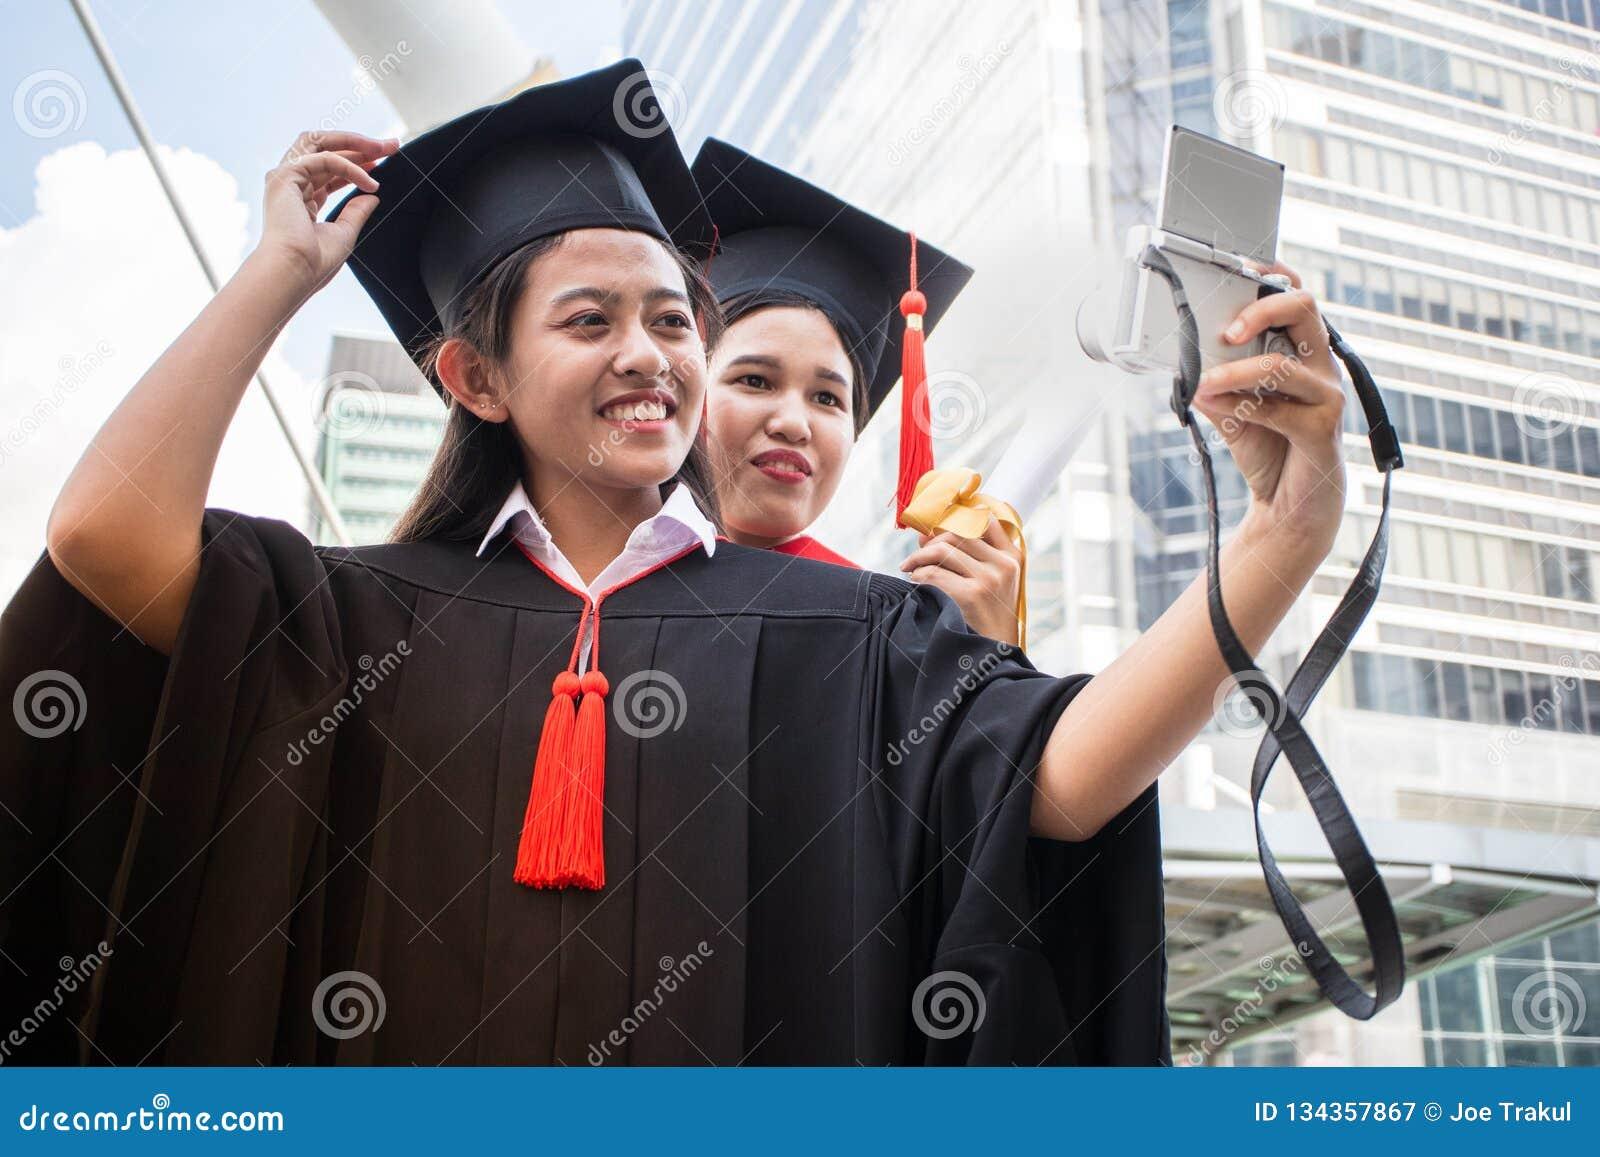 Τα συγχαρητήρια εκπαίδευσης έννοιας στο πανεπιστήμιο, selfie παίρνουν τη φωτογραφία